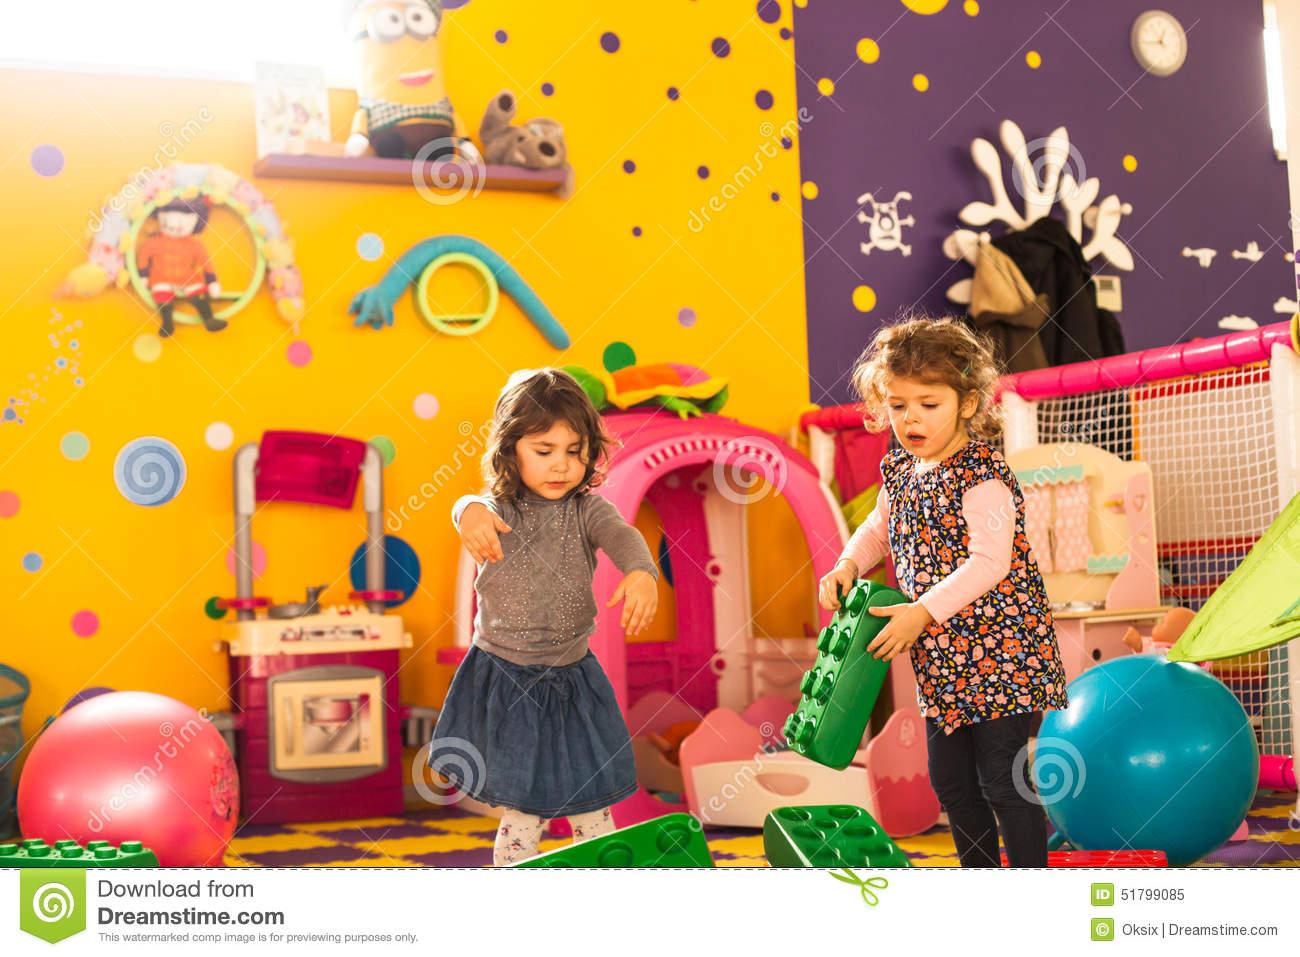 Jeu De Deux Filles Image Stock. Image Du Fille, Blocs - 51799085 destiné Jeux De Deux Fille